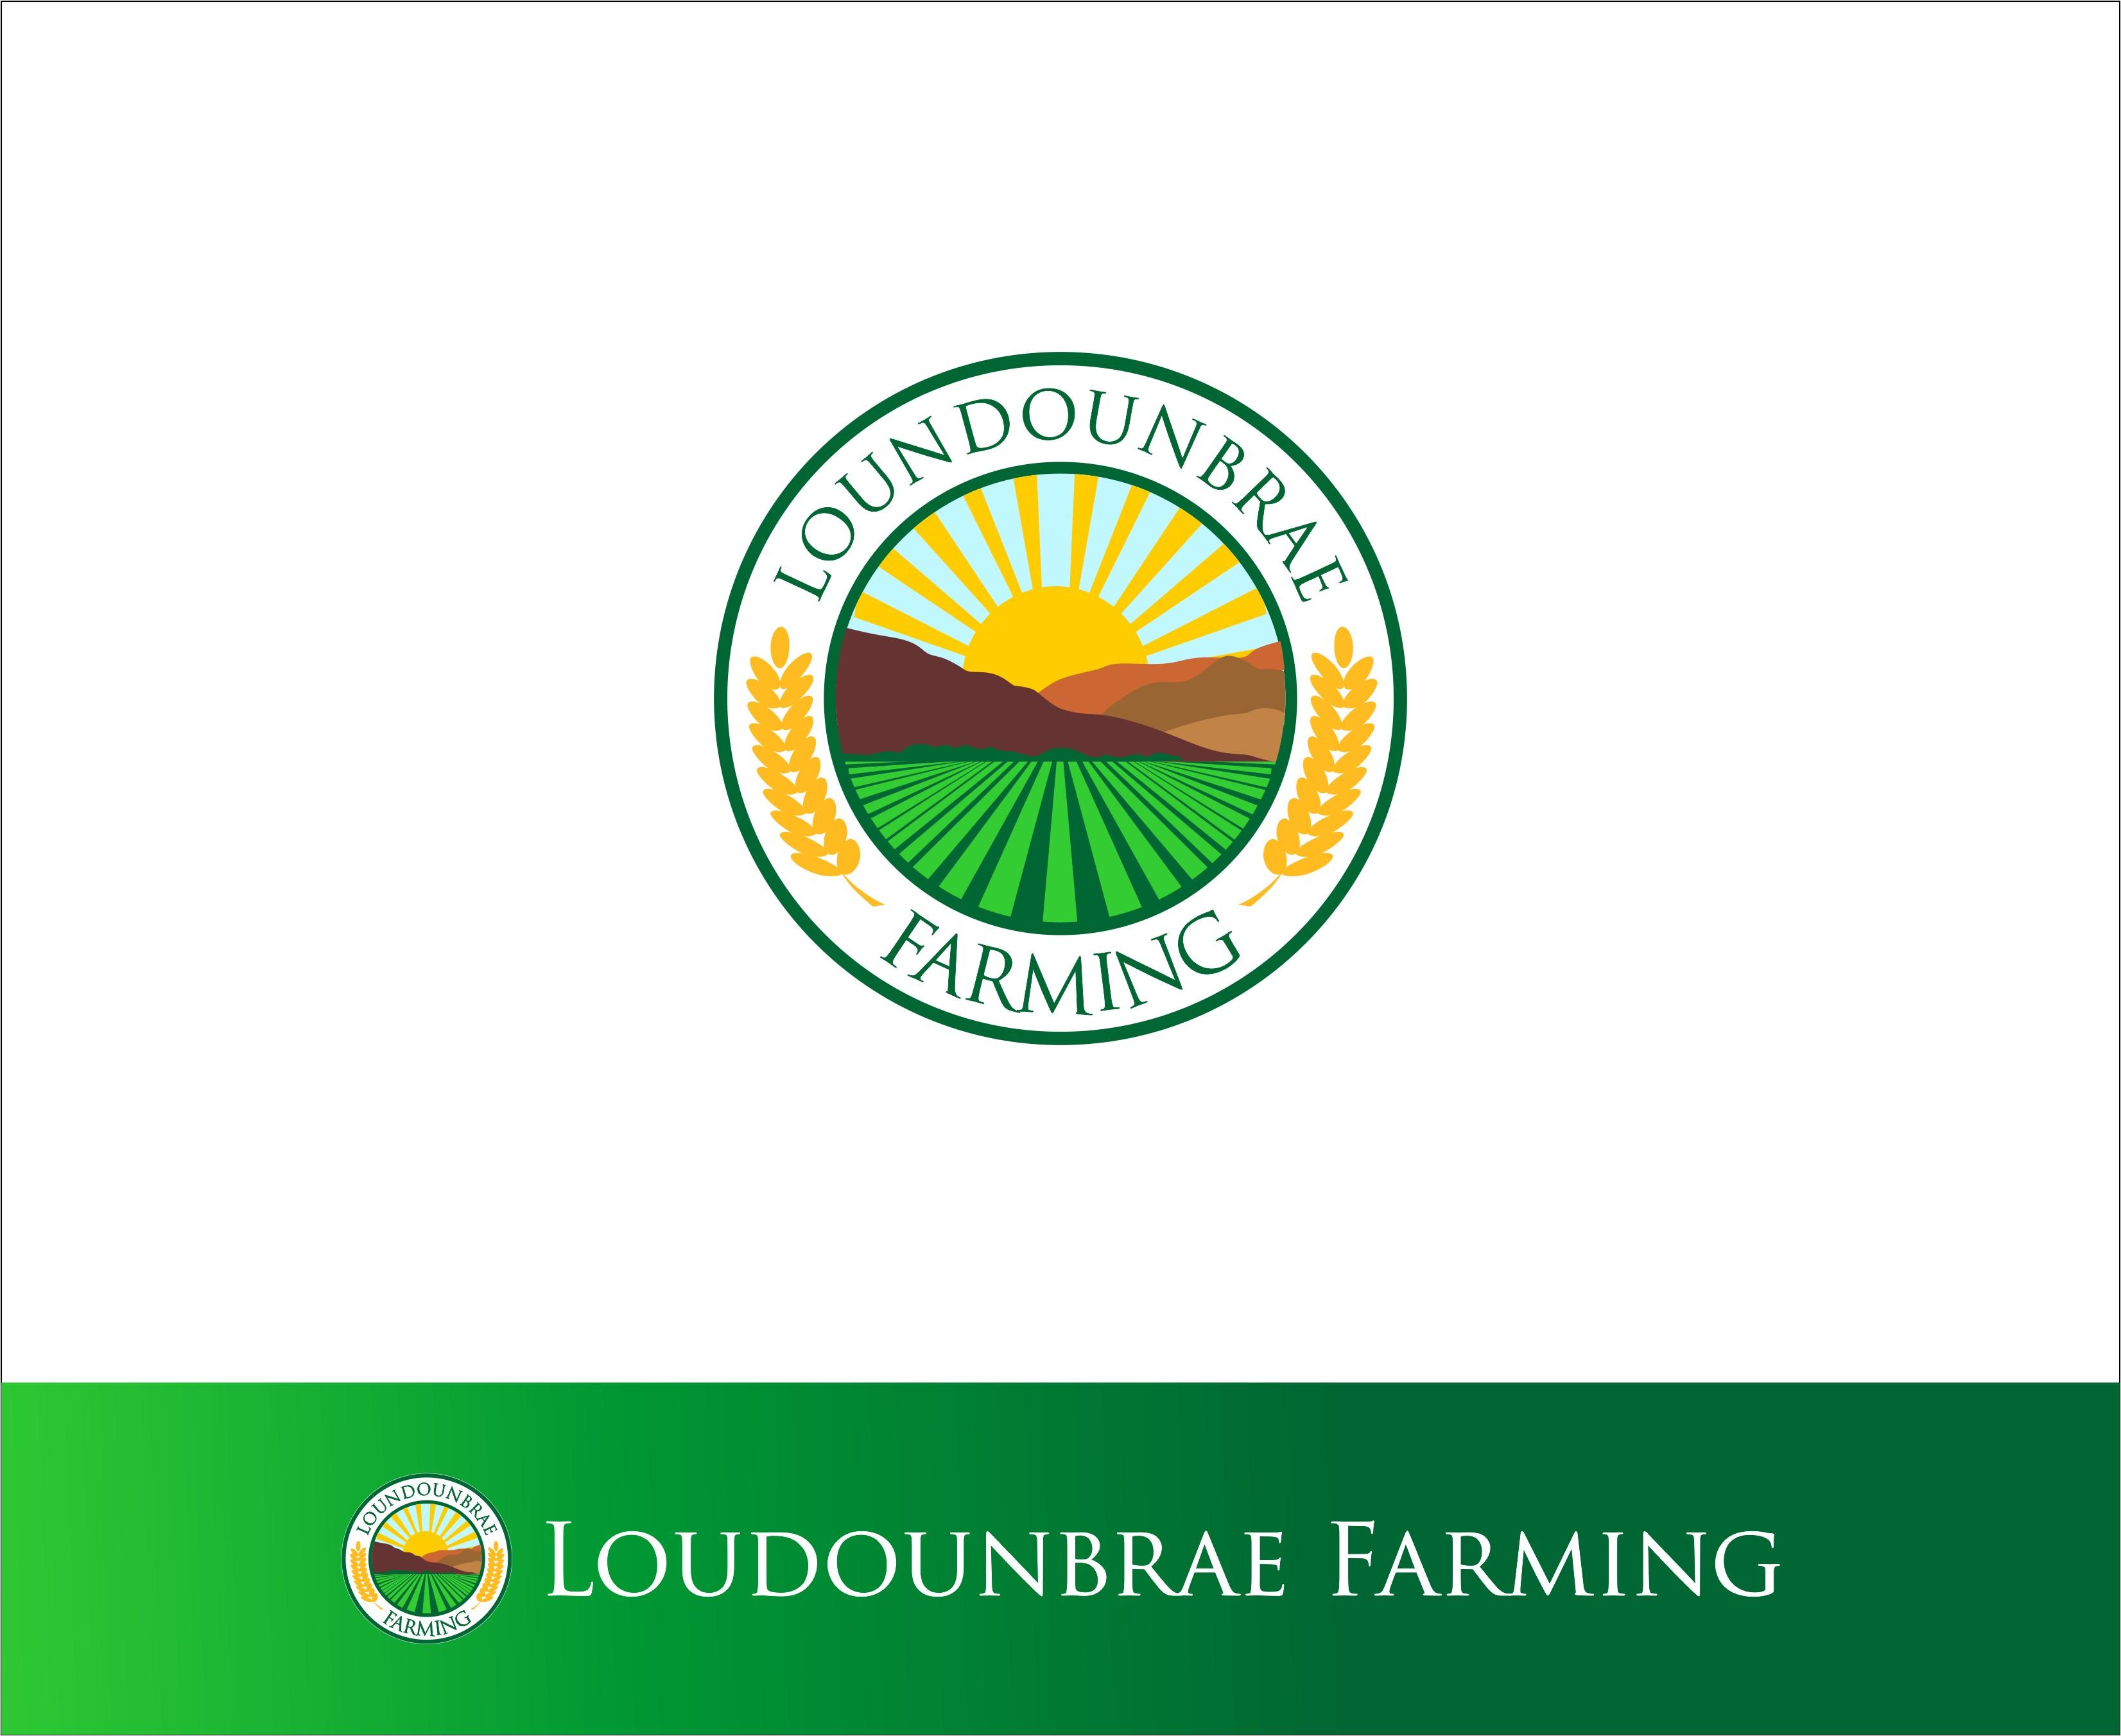 Logo Design by Mhon_Rose - Entry No. 114 in the Logo Design Contest Creative Logo Design for Loudounbrae Farming.